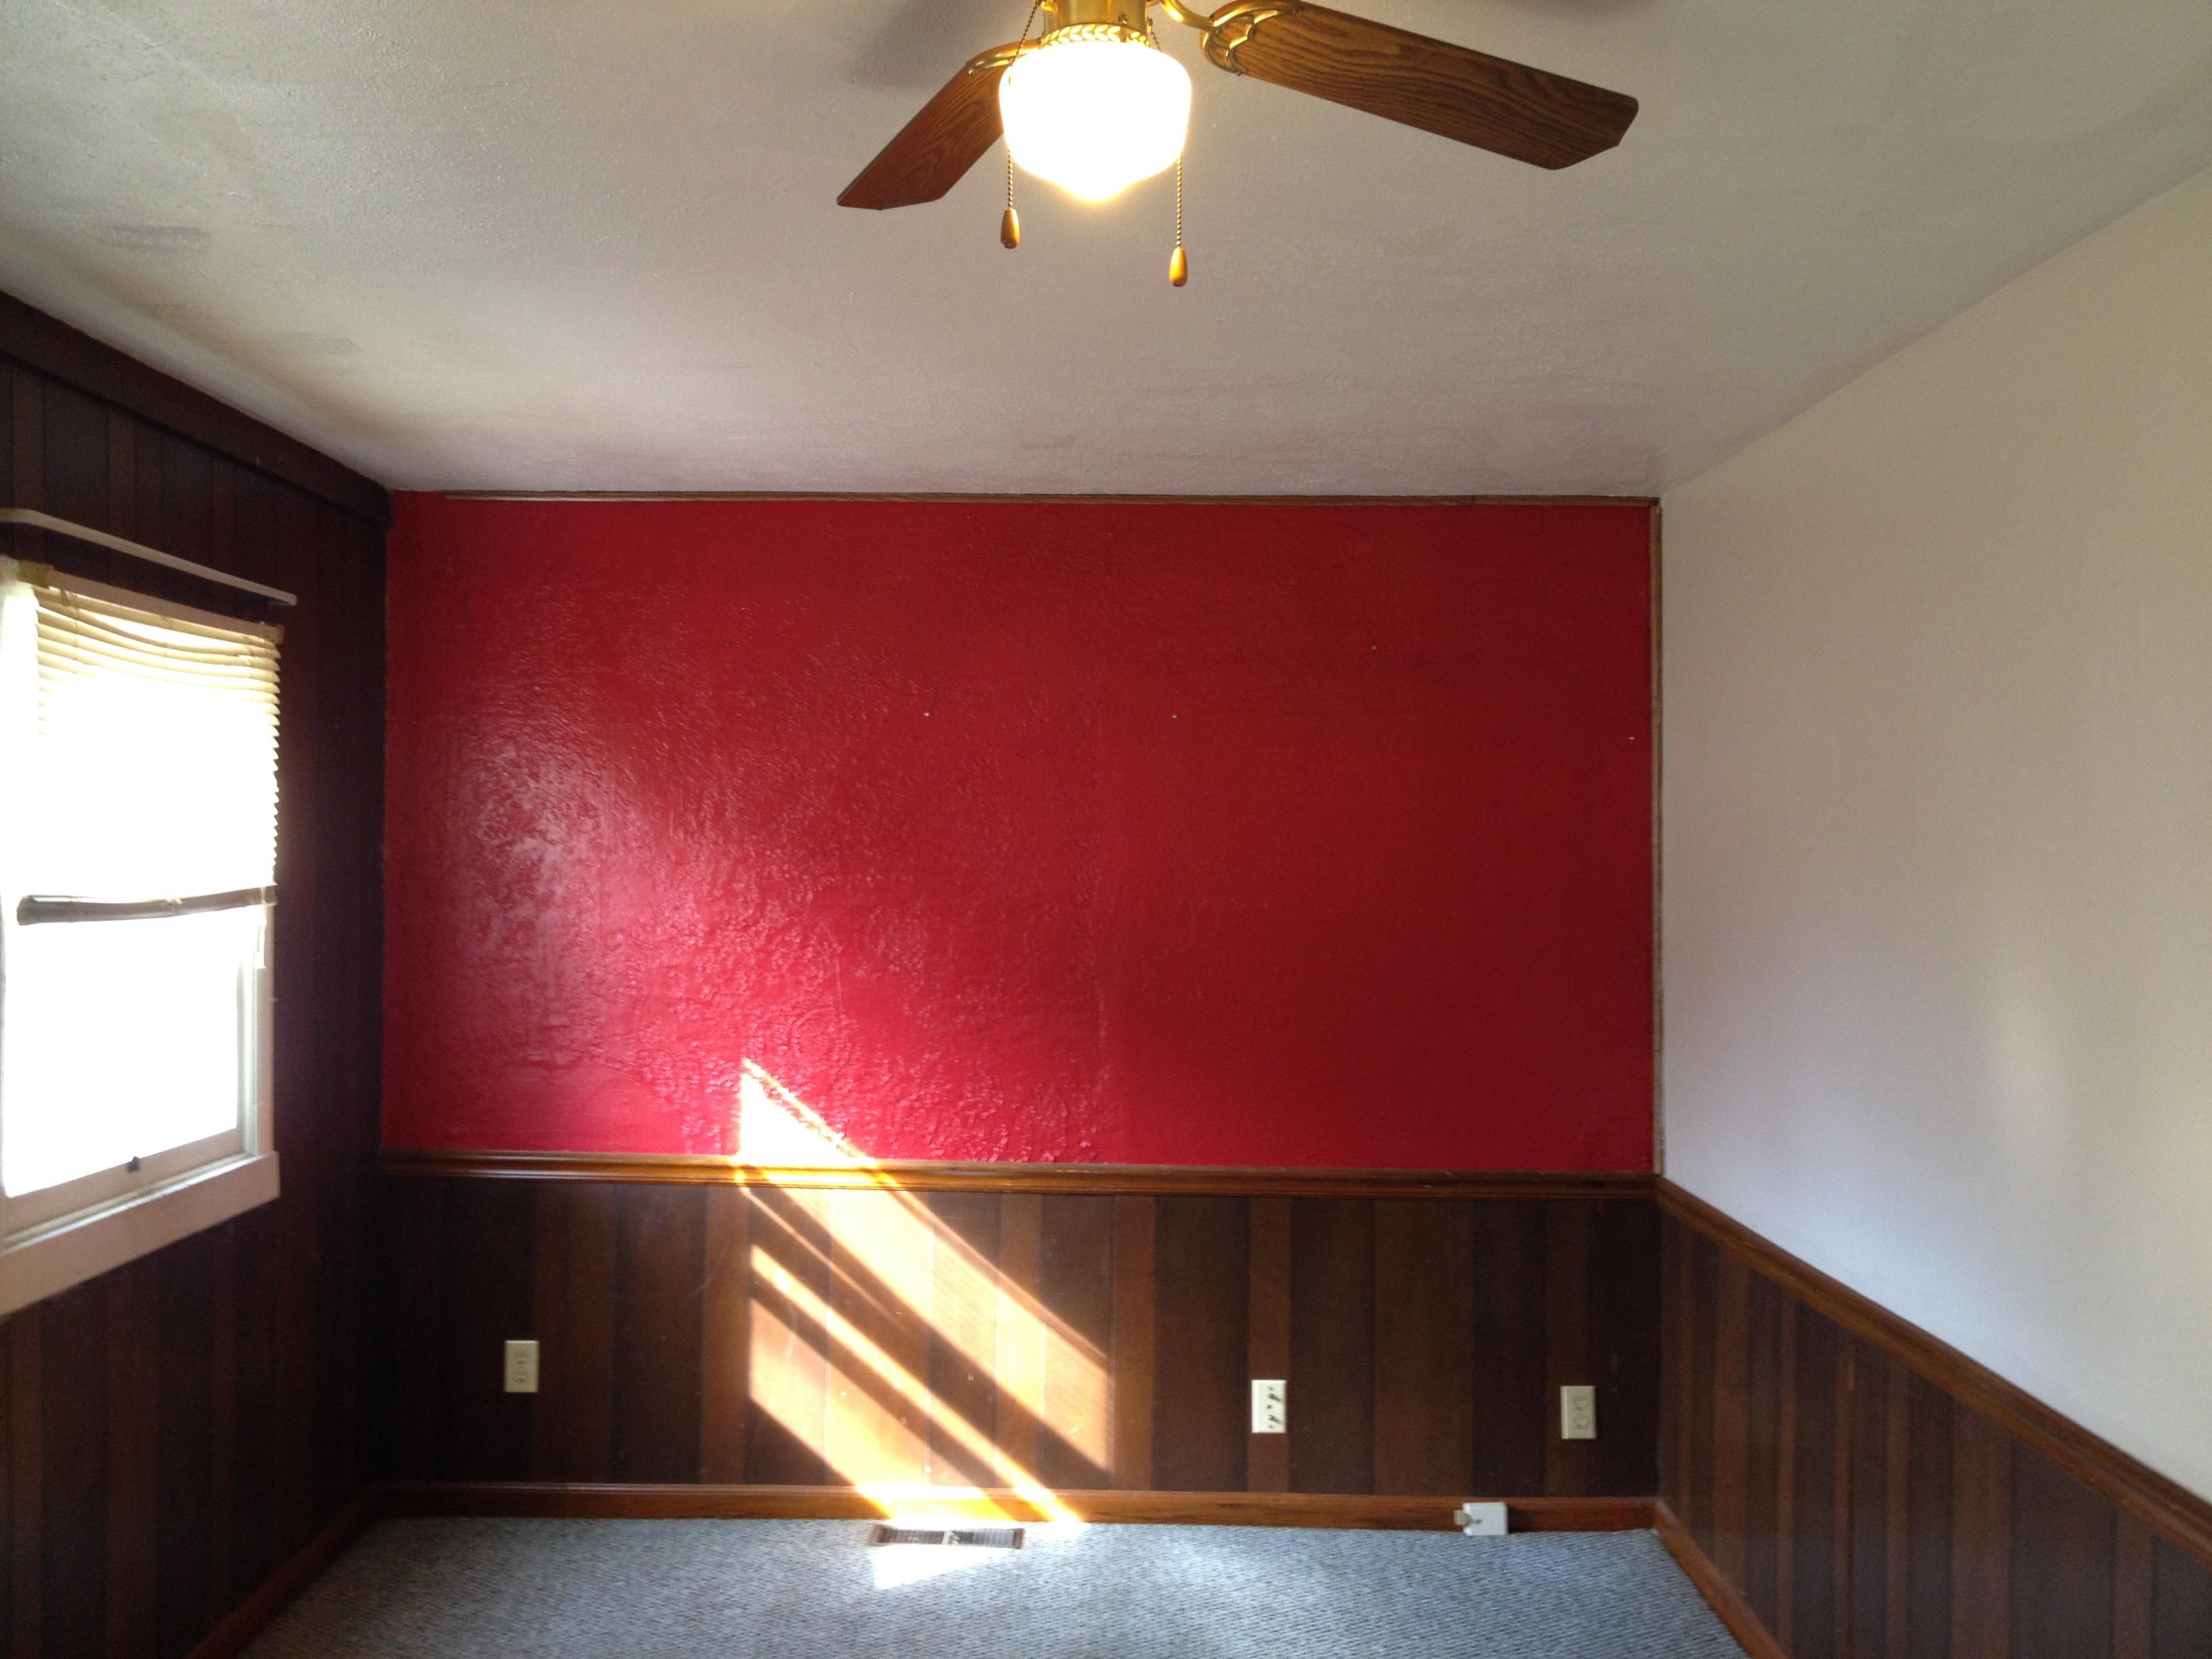 665 669 walnut ave alliance oh 44601 clear sky realty inc rh clearskyrealty com 8x9 bedroom 8 x 9 bathroom design